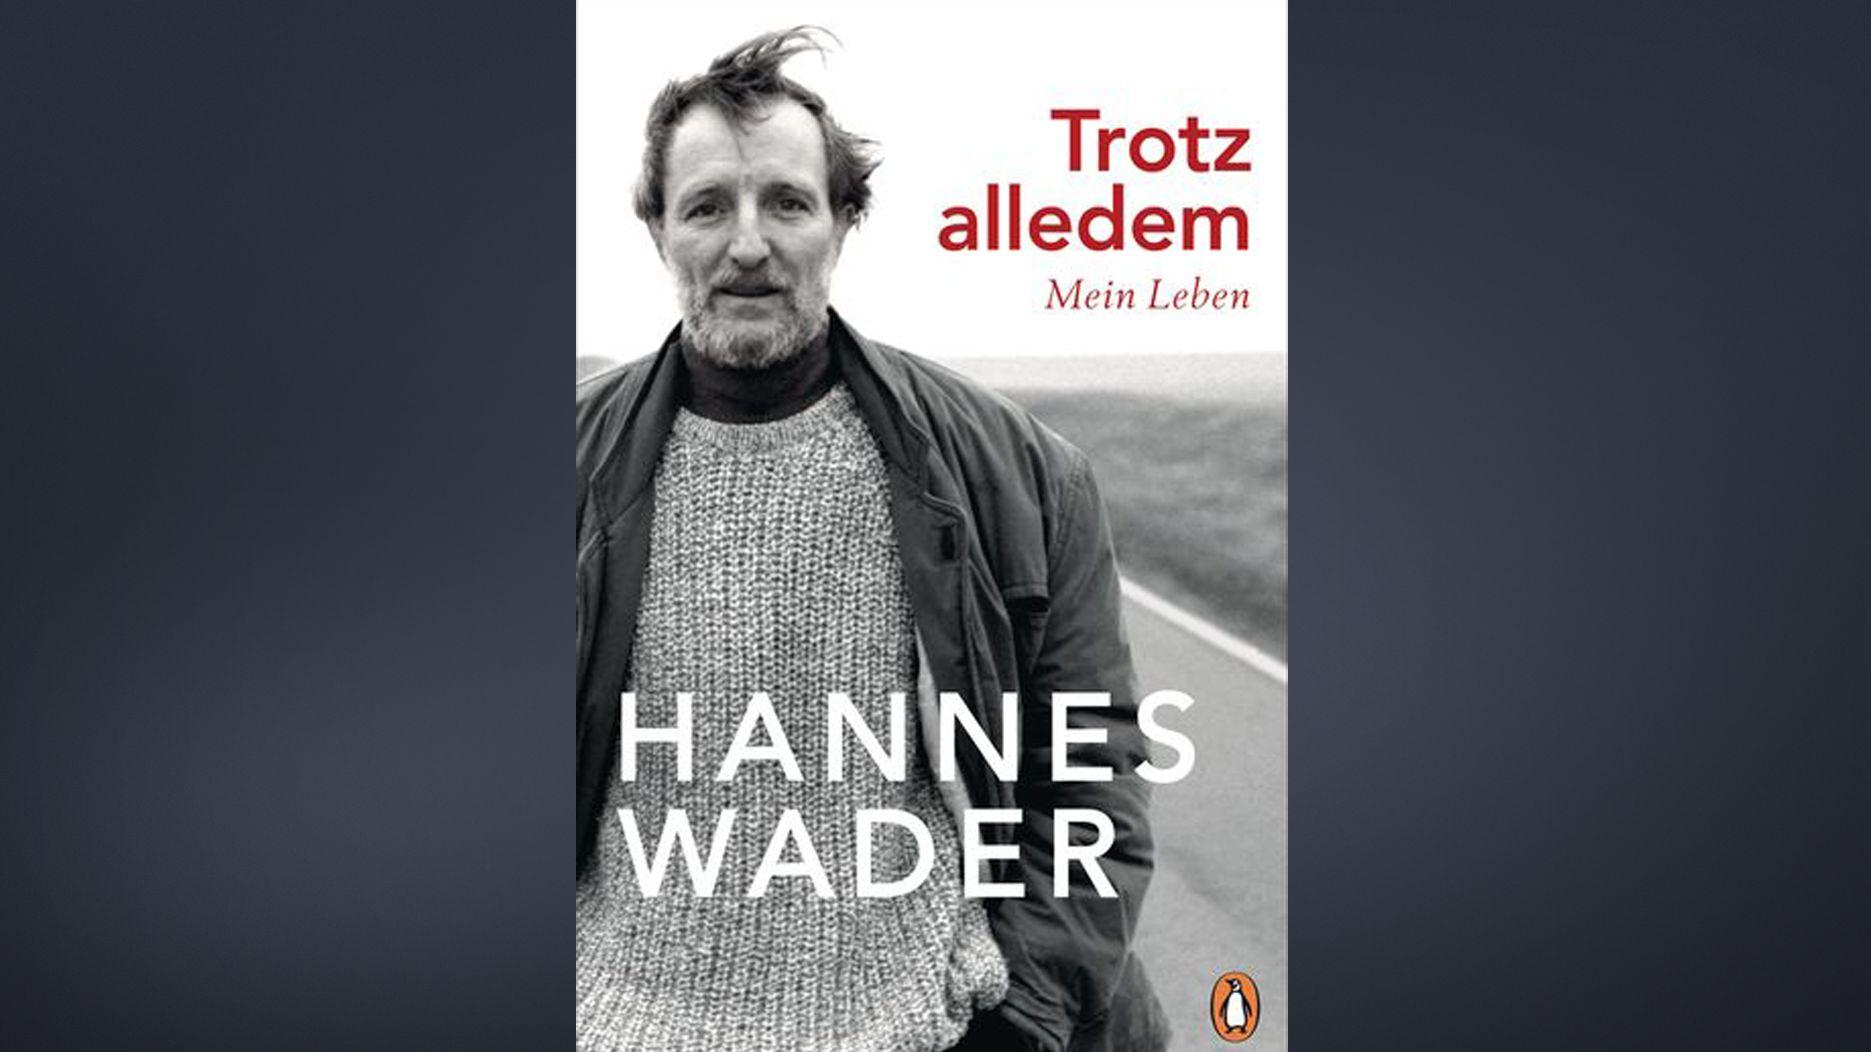 """Hannes Wader posiert auf dem schwarz-weißen Cover seiner Autobiografie """"Trotz alledem. Mein Leben"""" im Wollpulli und mit vom Winde verwehtem Haar"""